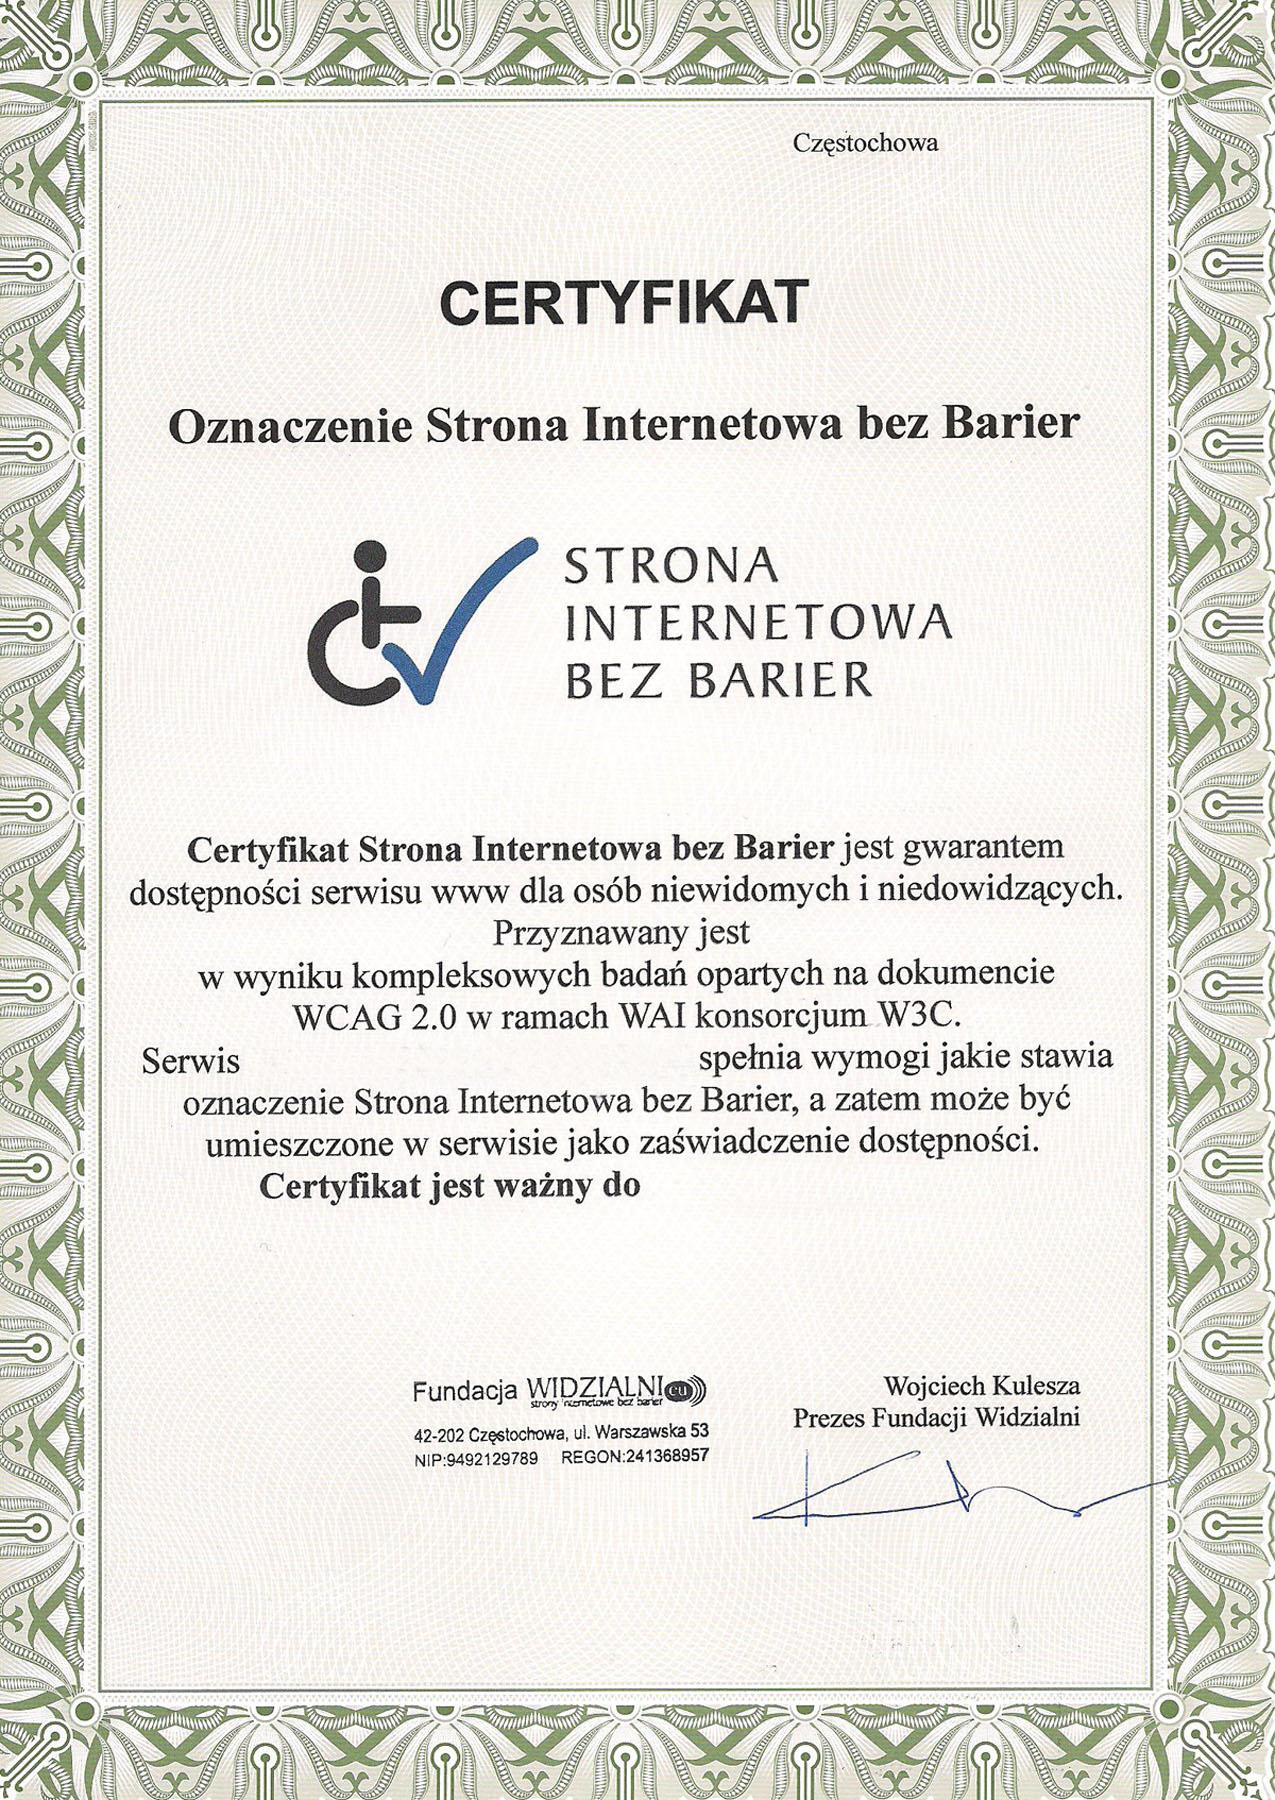 Wzór certyfikatu Strony Internetowej Bez Barier